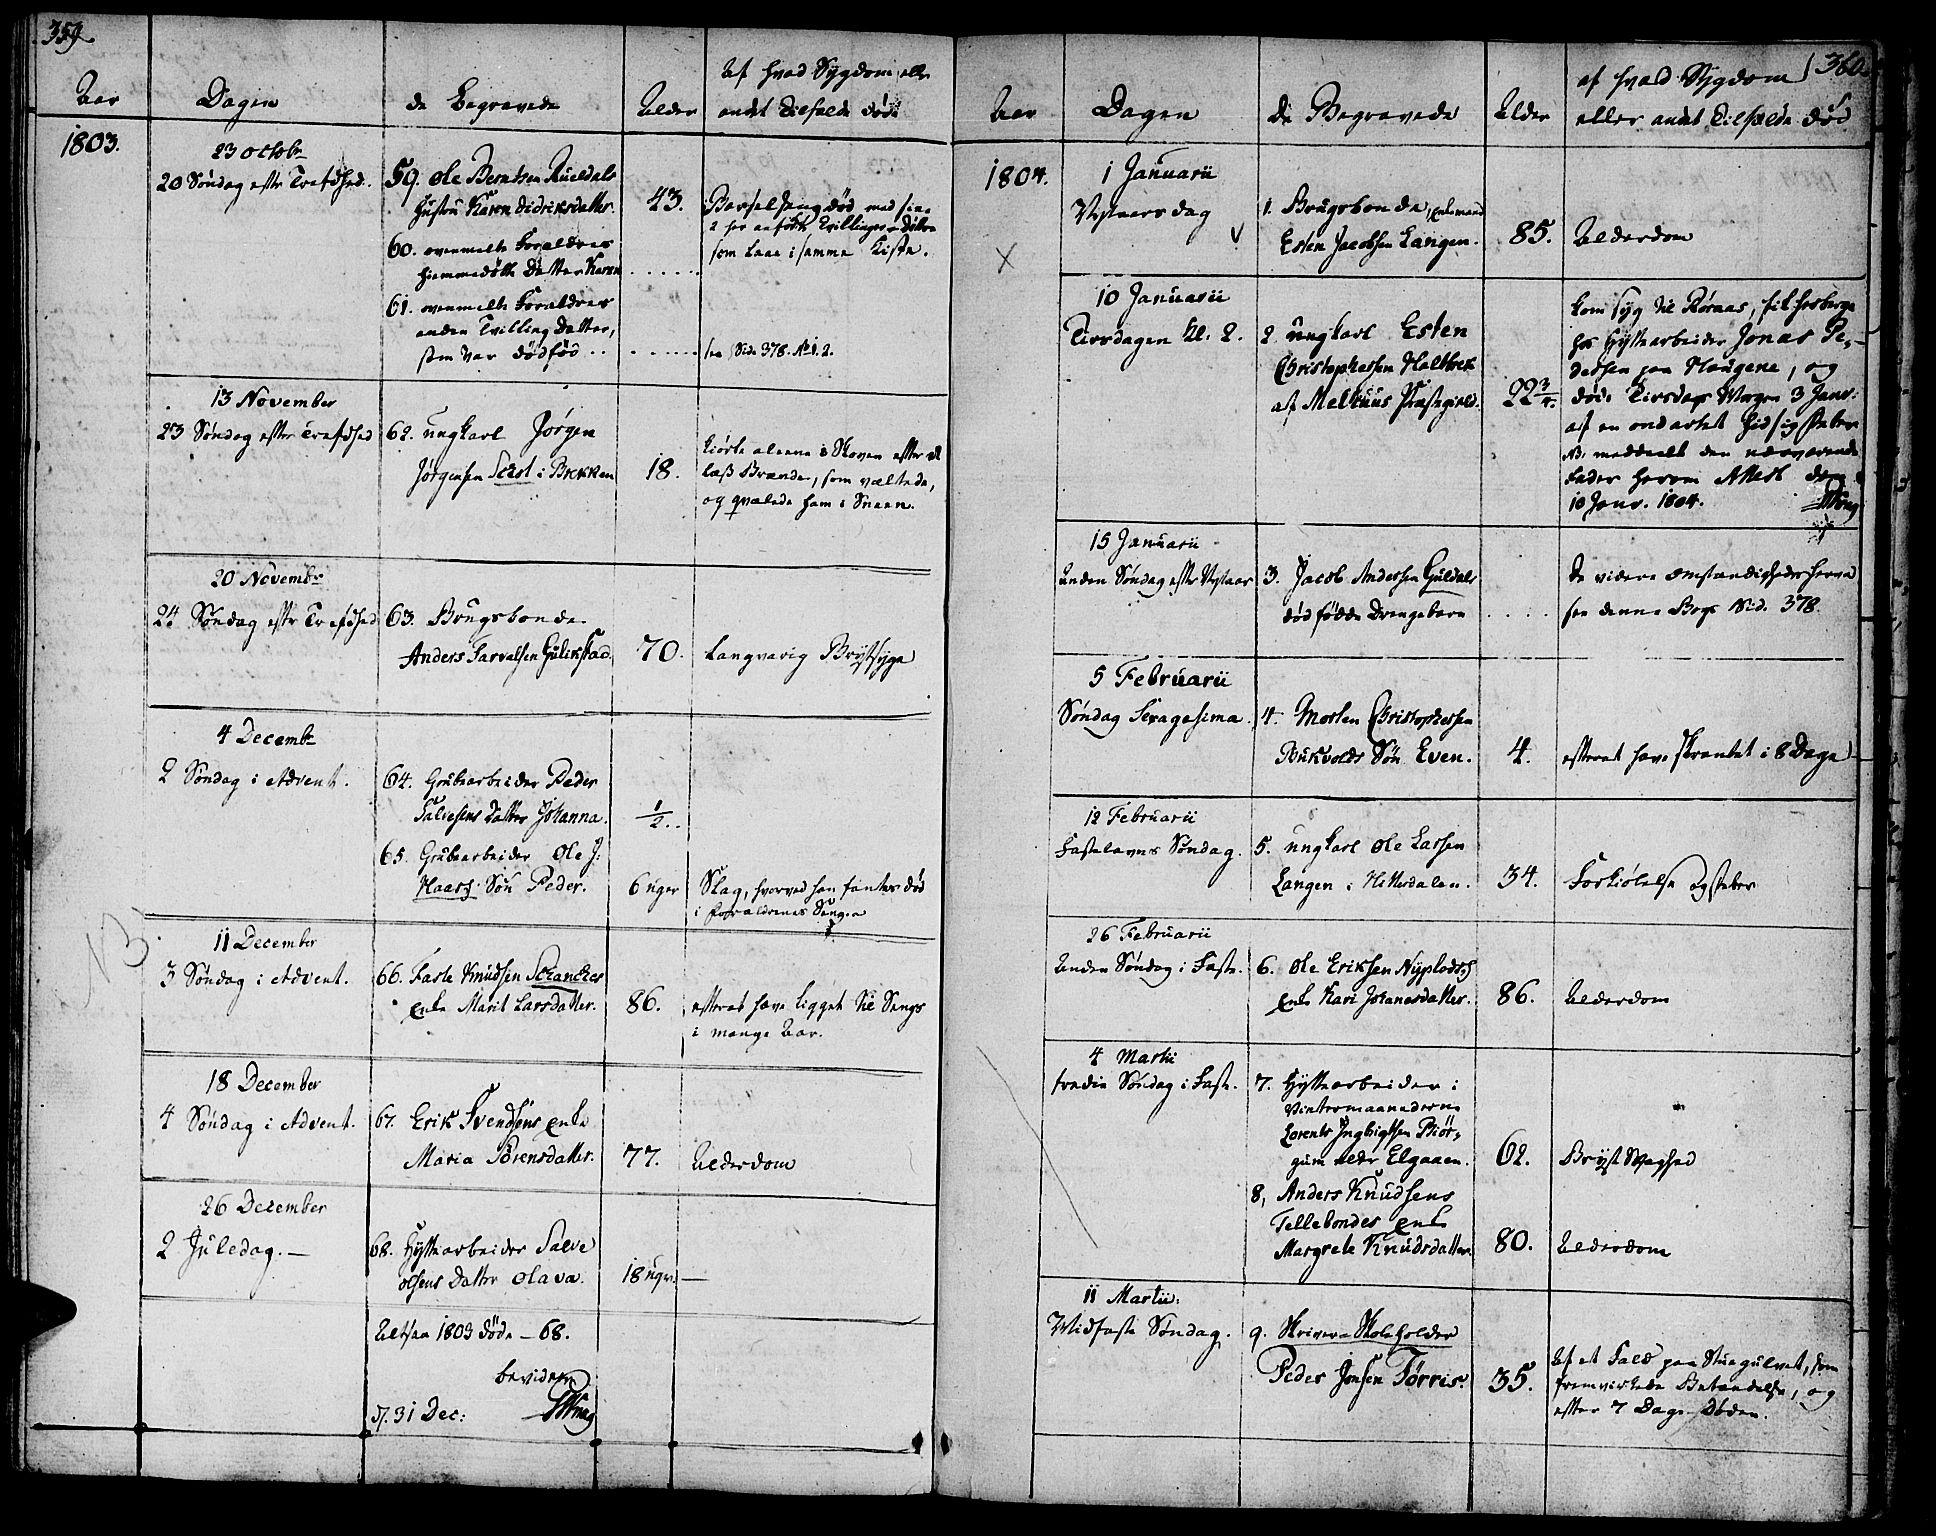 SAT, Ministerialprotokoller, klokkerbøker og fødselsregistre - Sør-Trøndelag, 681/L0927: Ministerialbok nr. 681A05, 1798-1808, s. 359-360